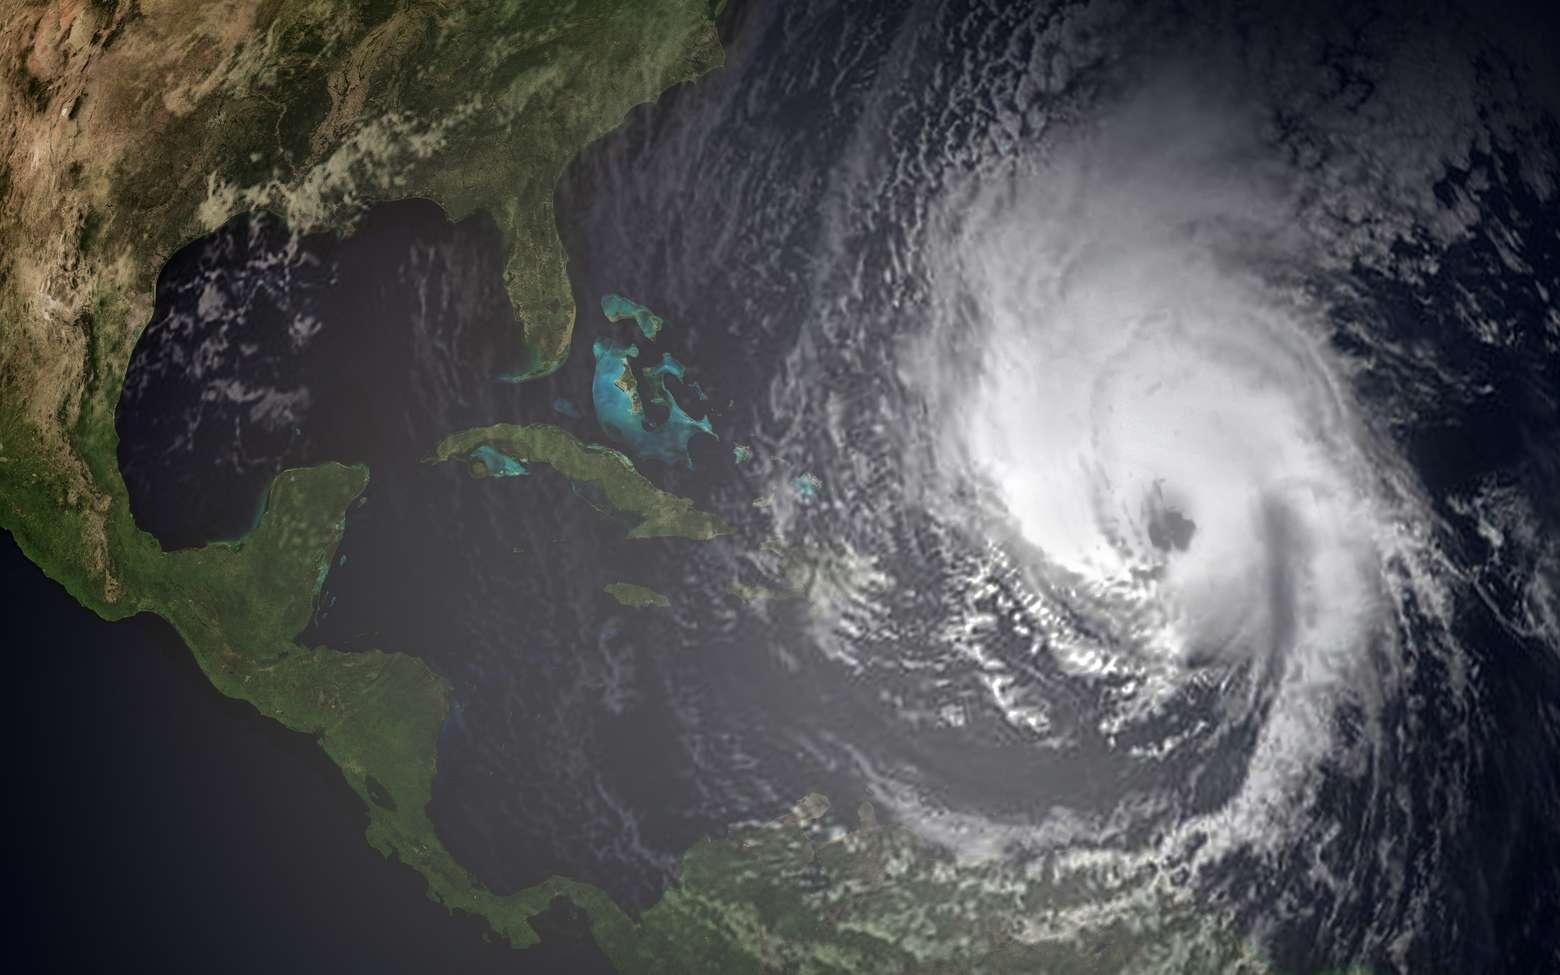 Un ouragan (un vrai) vu de l'espace. © Sasa Kadrijevic, Fotolia